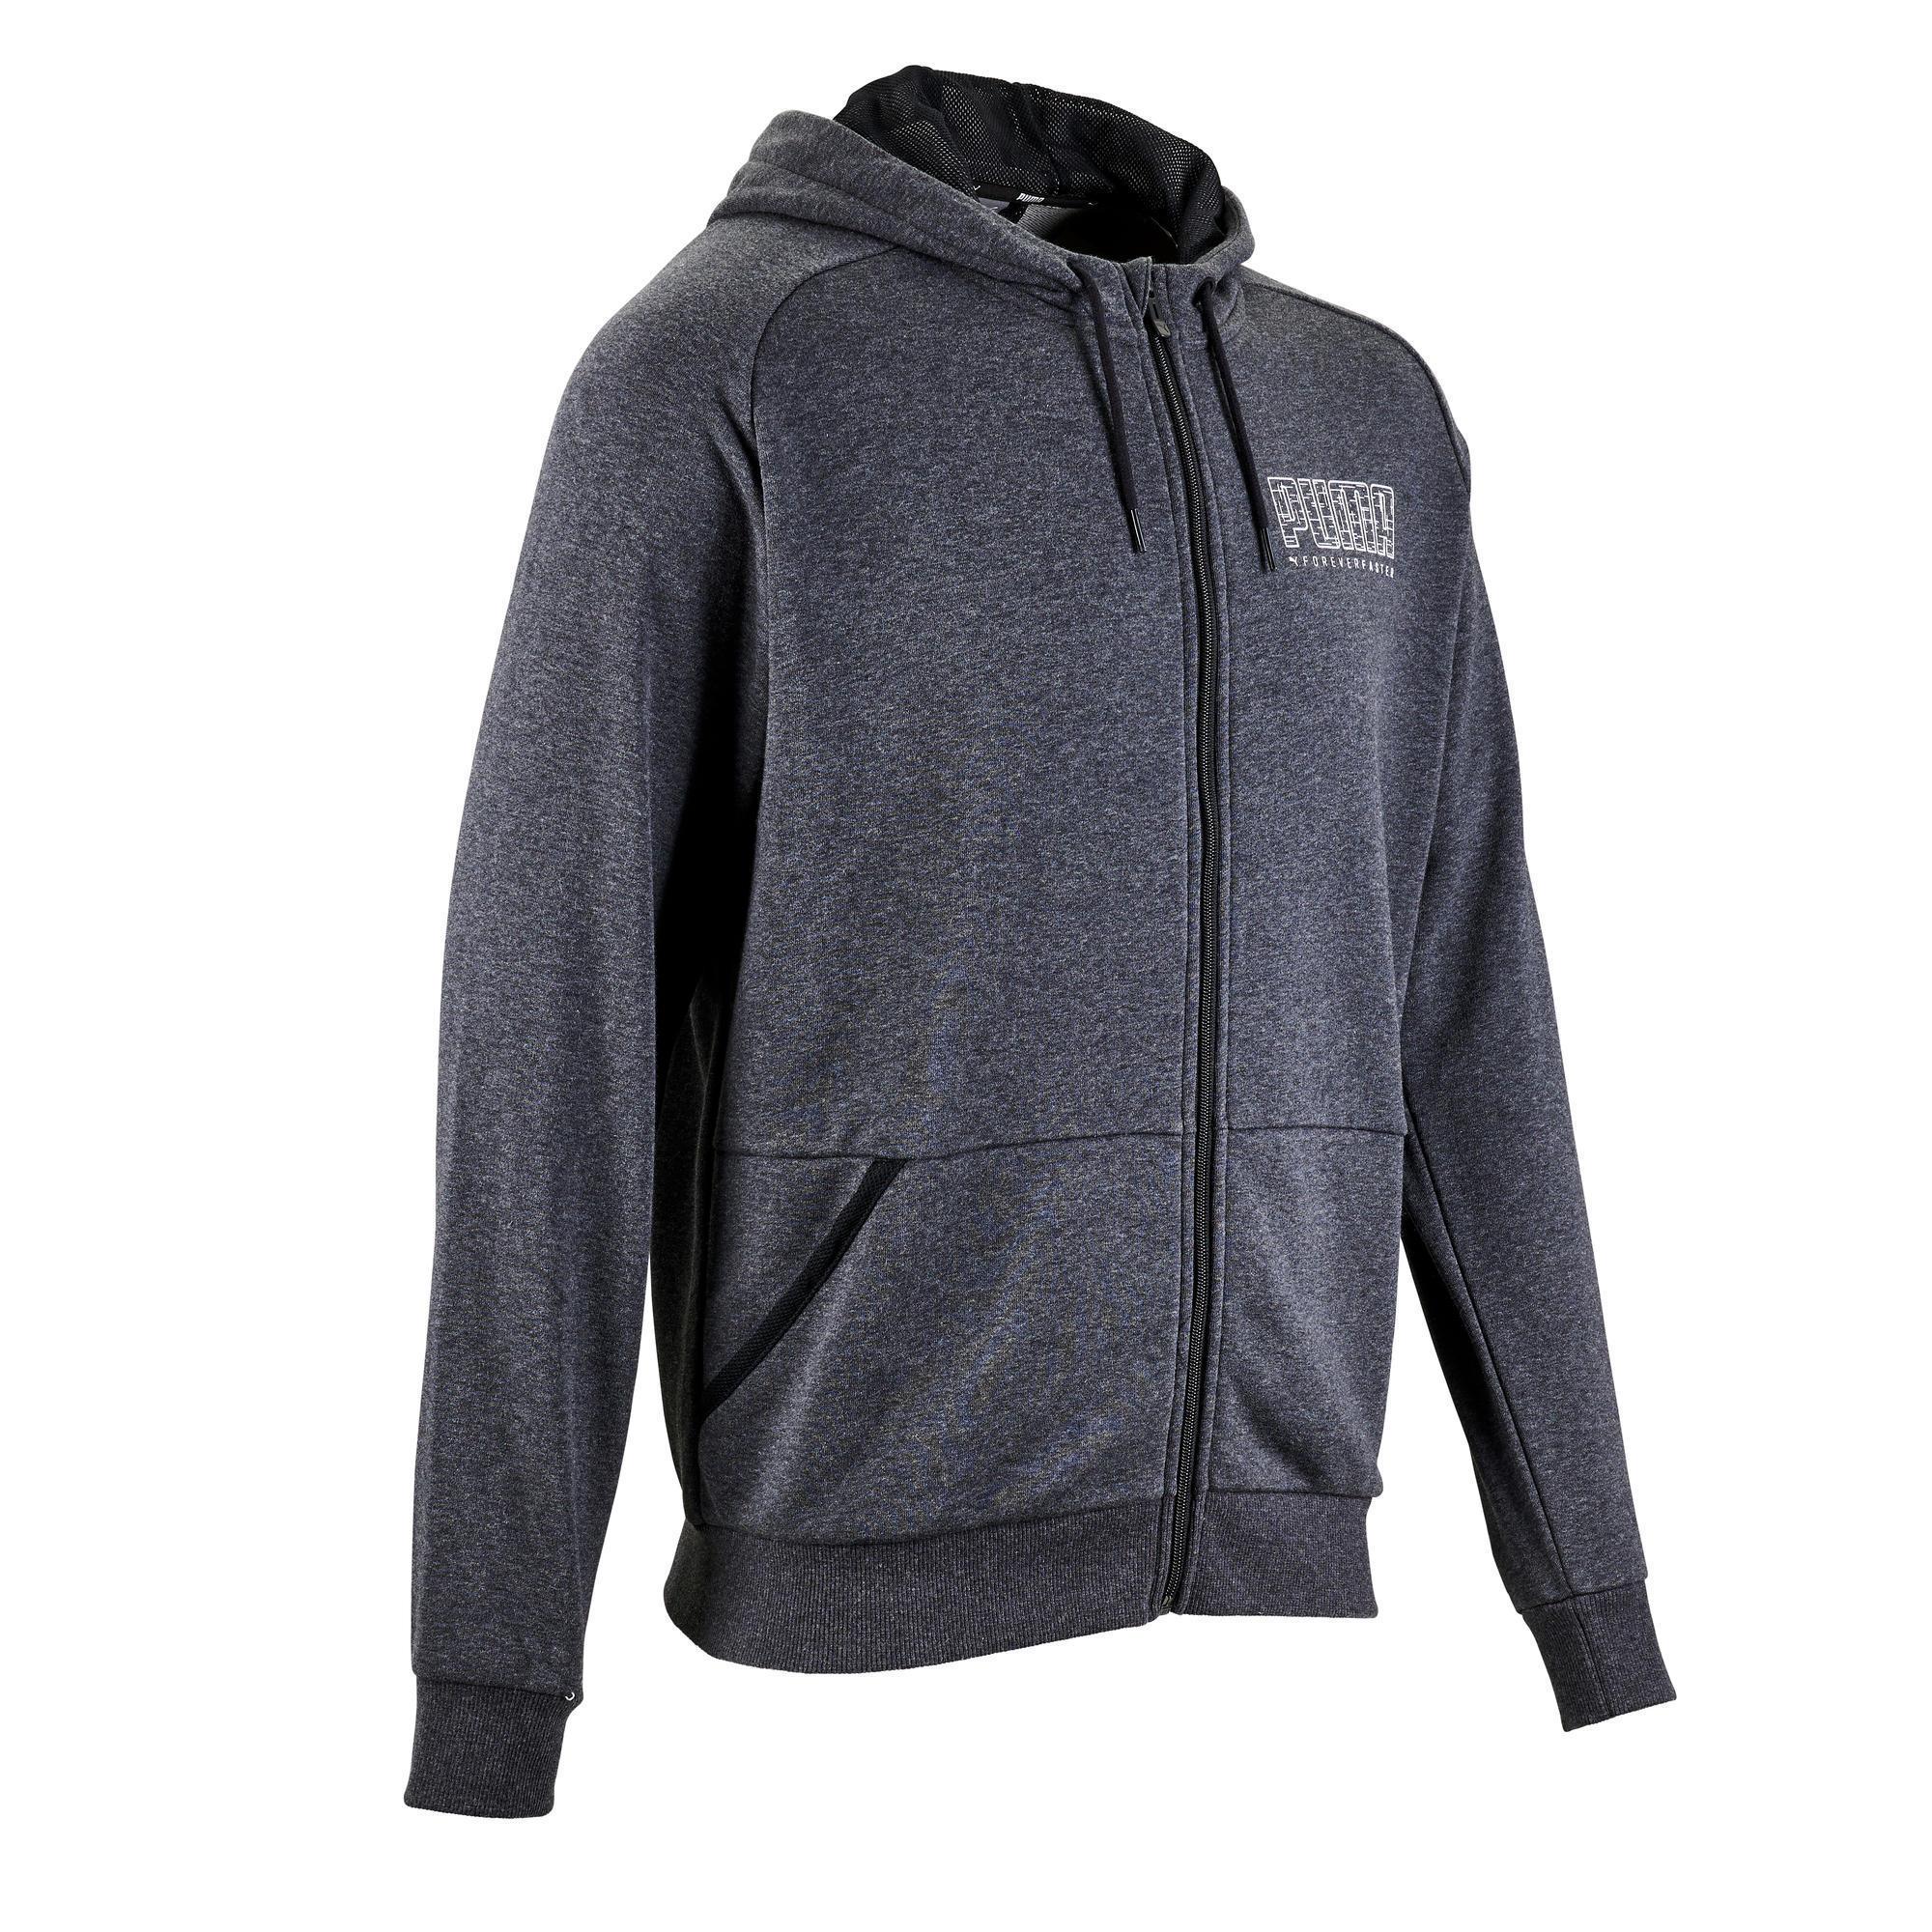 bb36419aa39 Comprar sudaderas y jerseys deportivos de hombre